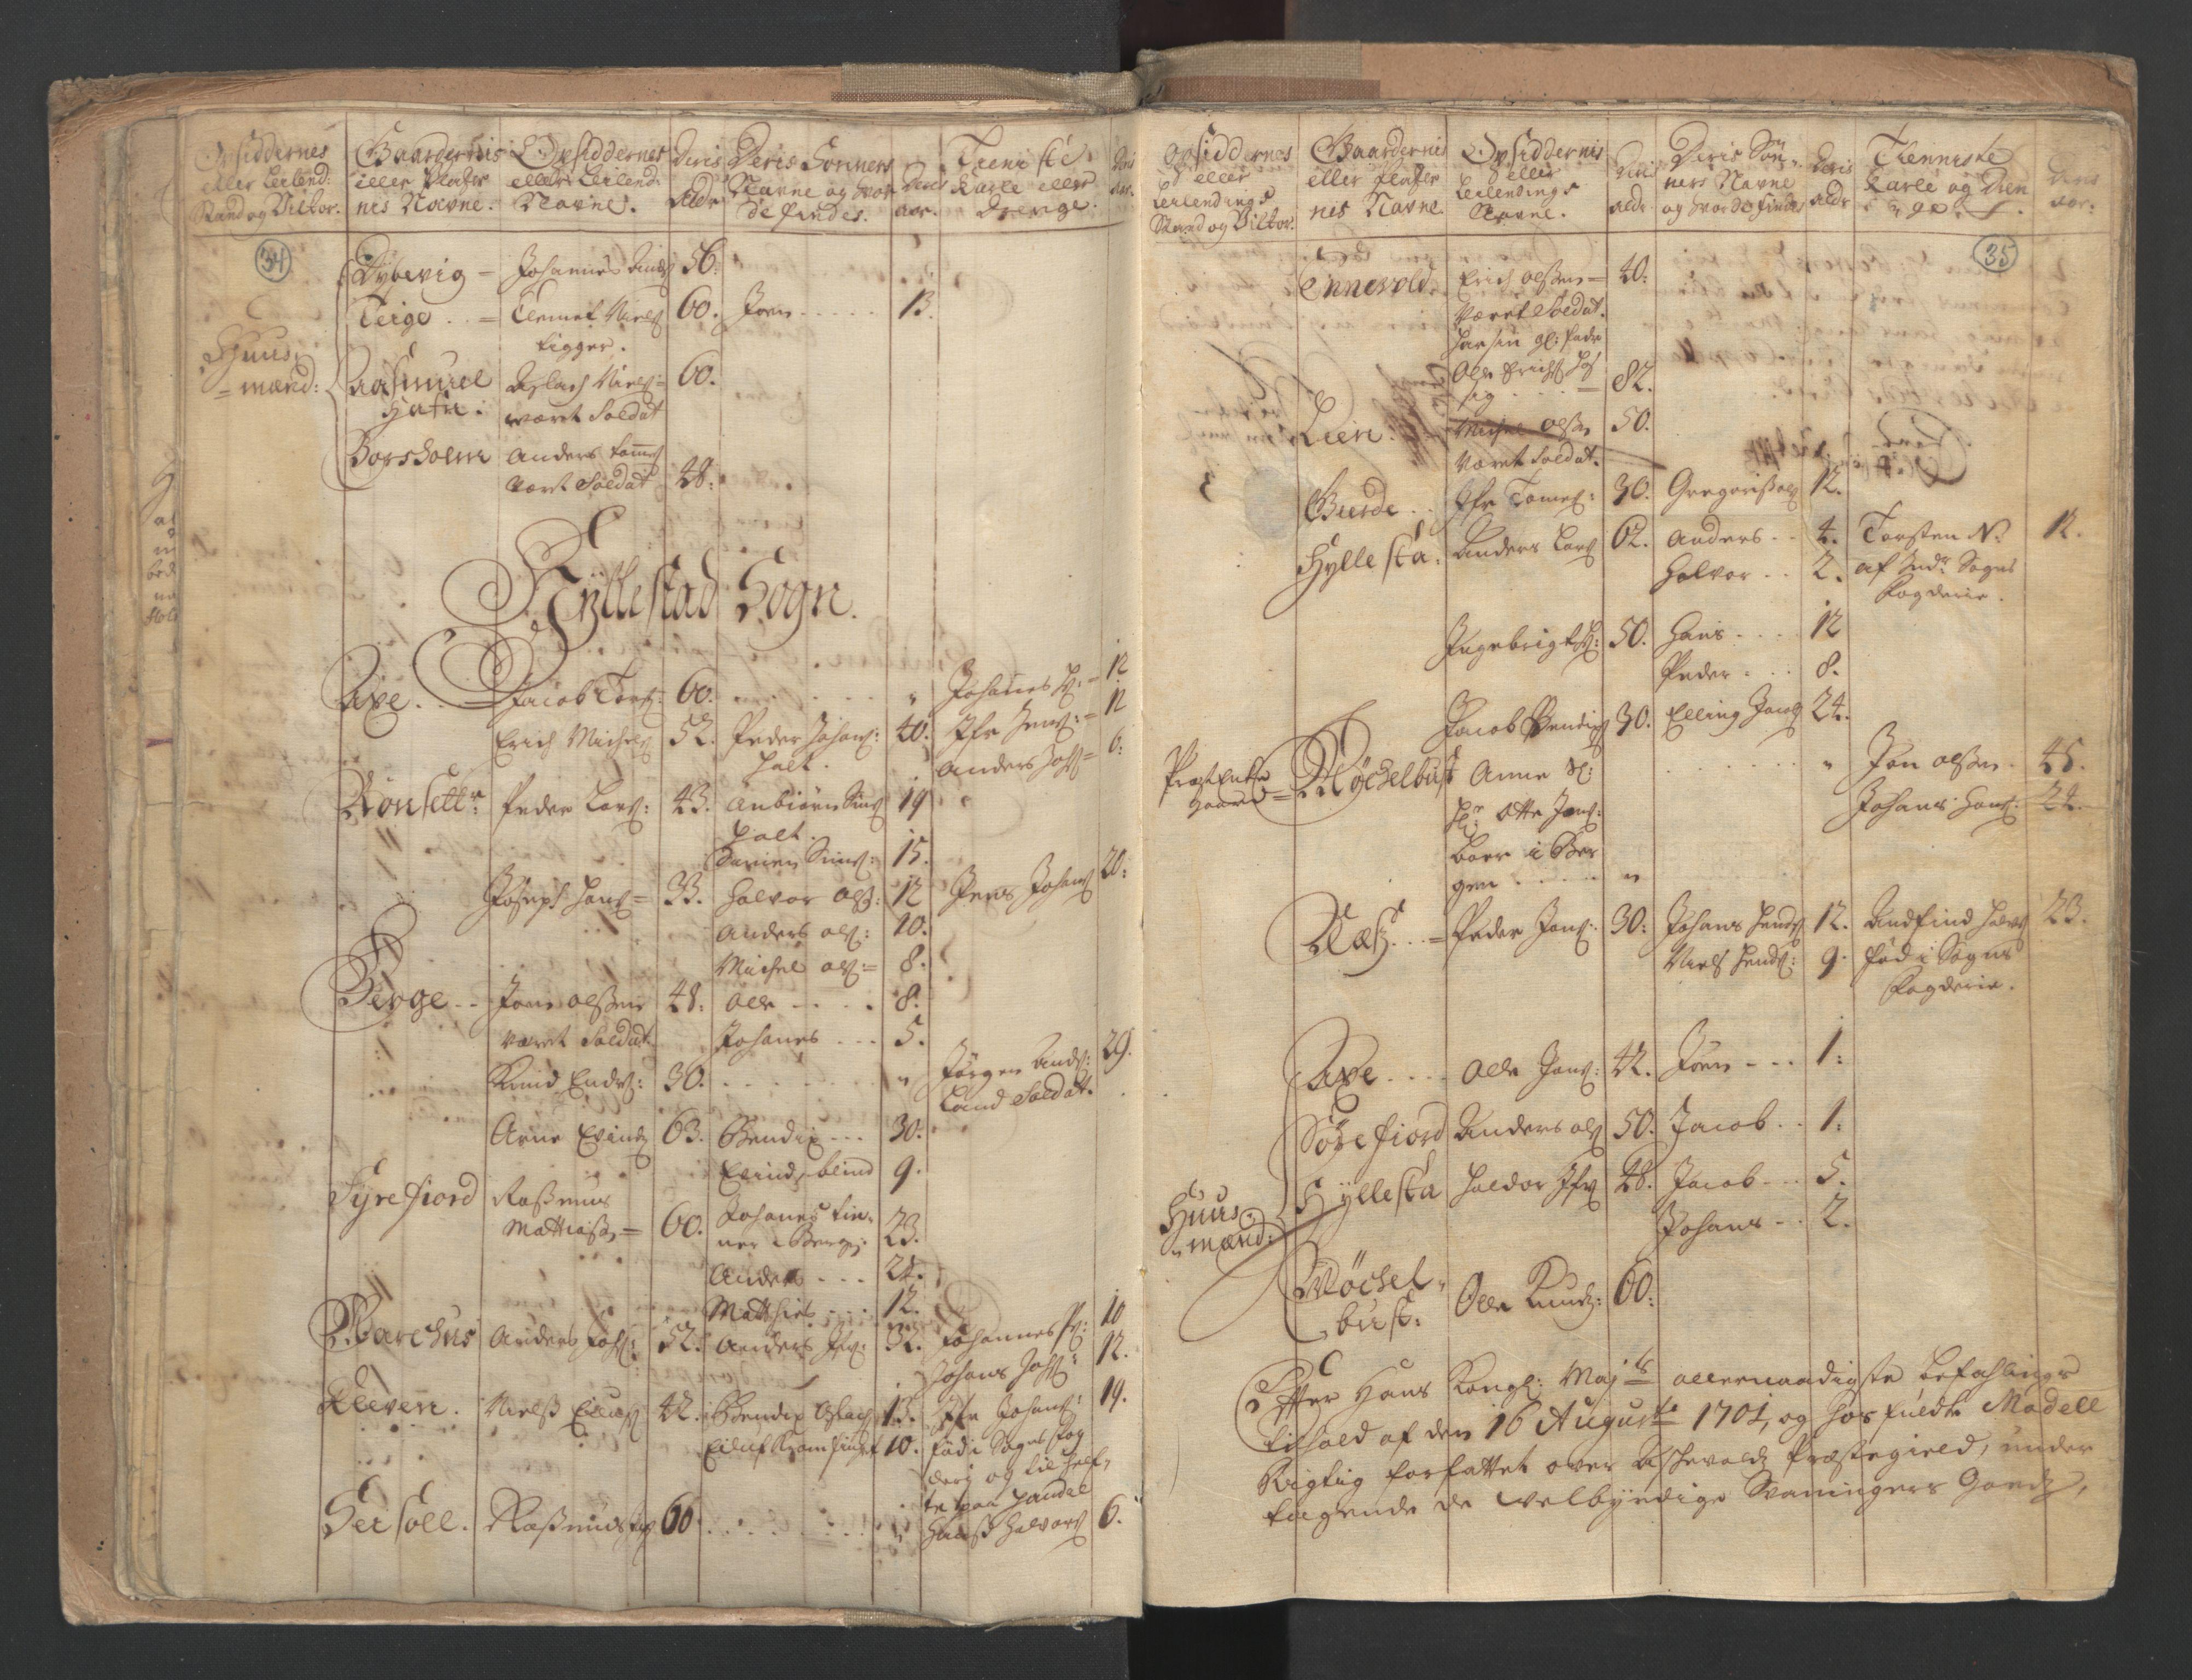 RA, Manntallet 1701, nr. 9: Sunnfjord fogderi, Nordfjord fogderi og Svanø birk, 1701, s. 34-35